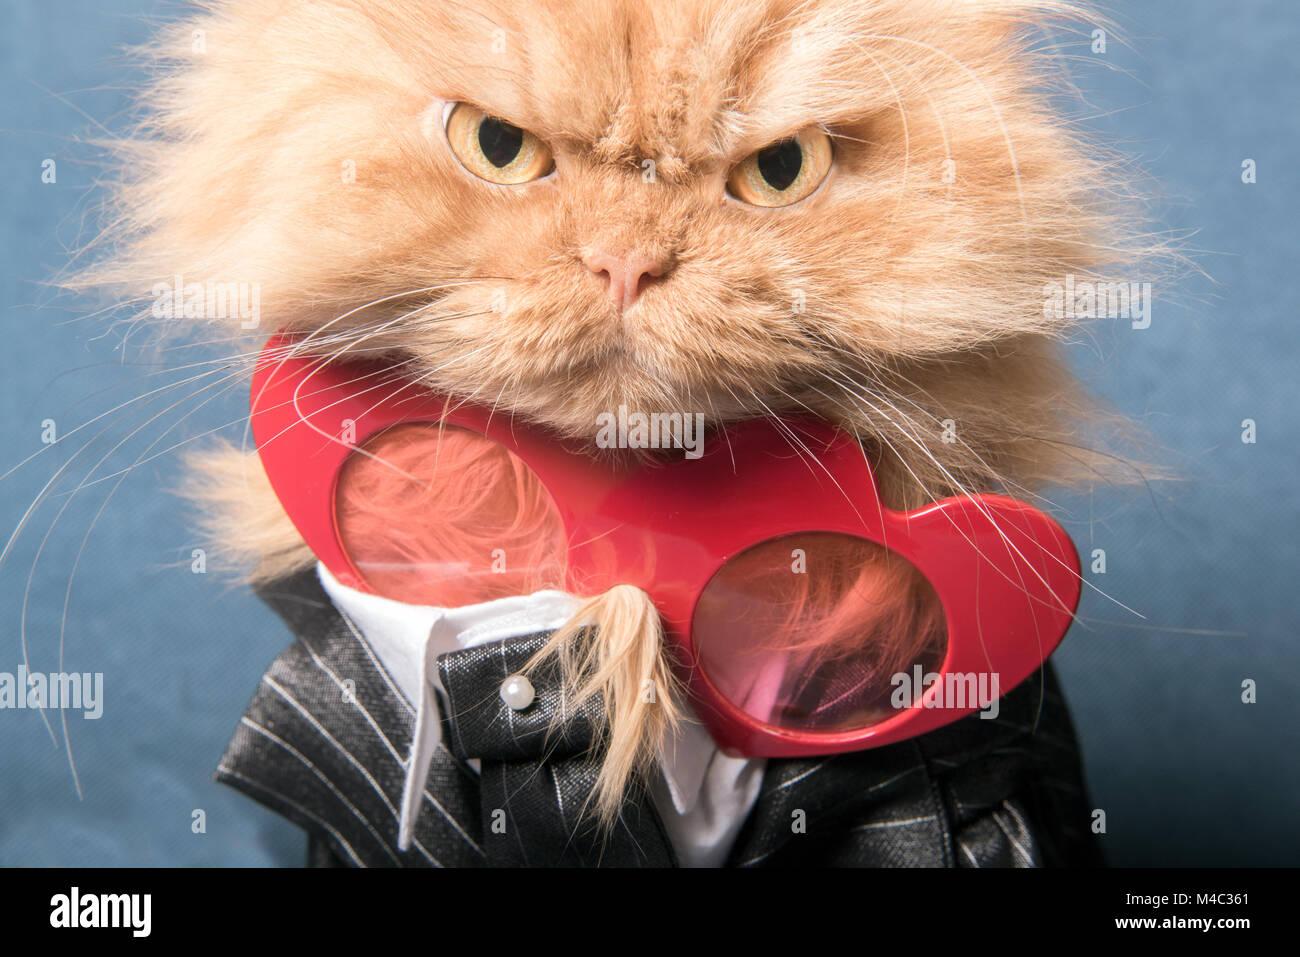 Portrait de chat Persan orange avec des lunettes en forme de coeur Banque D'Images